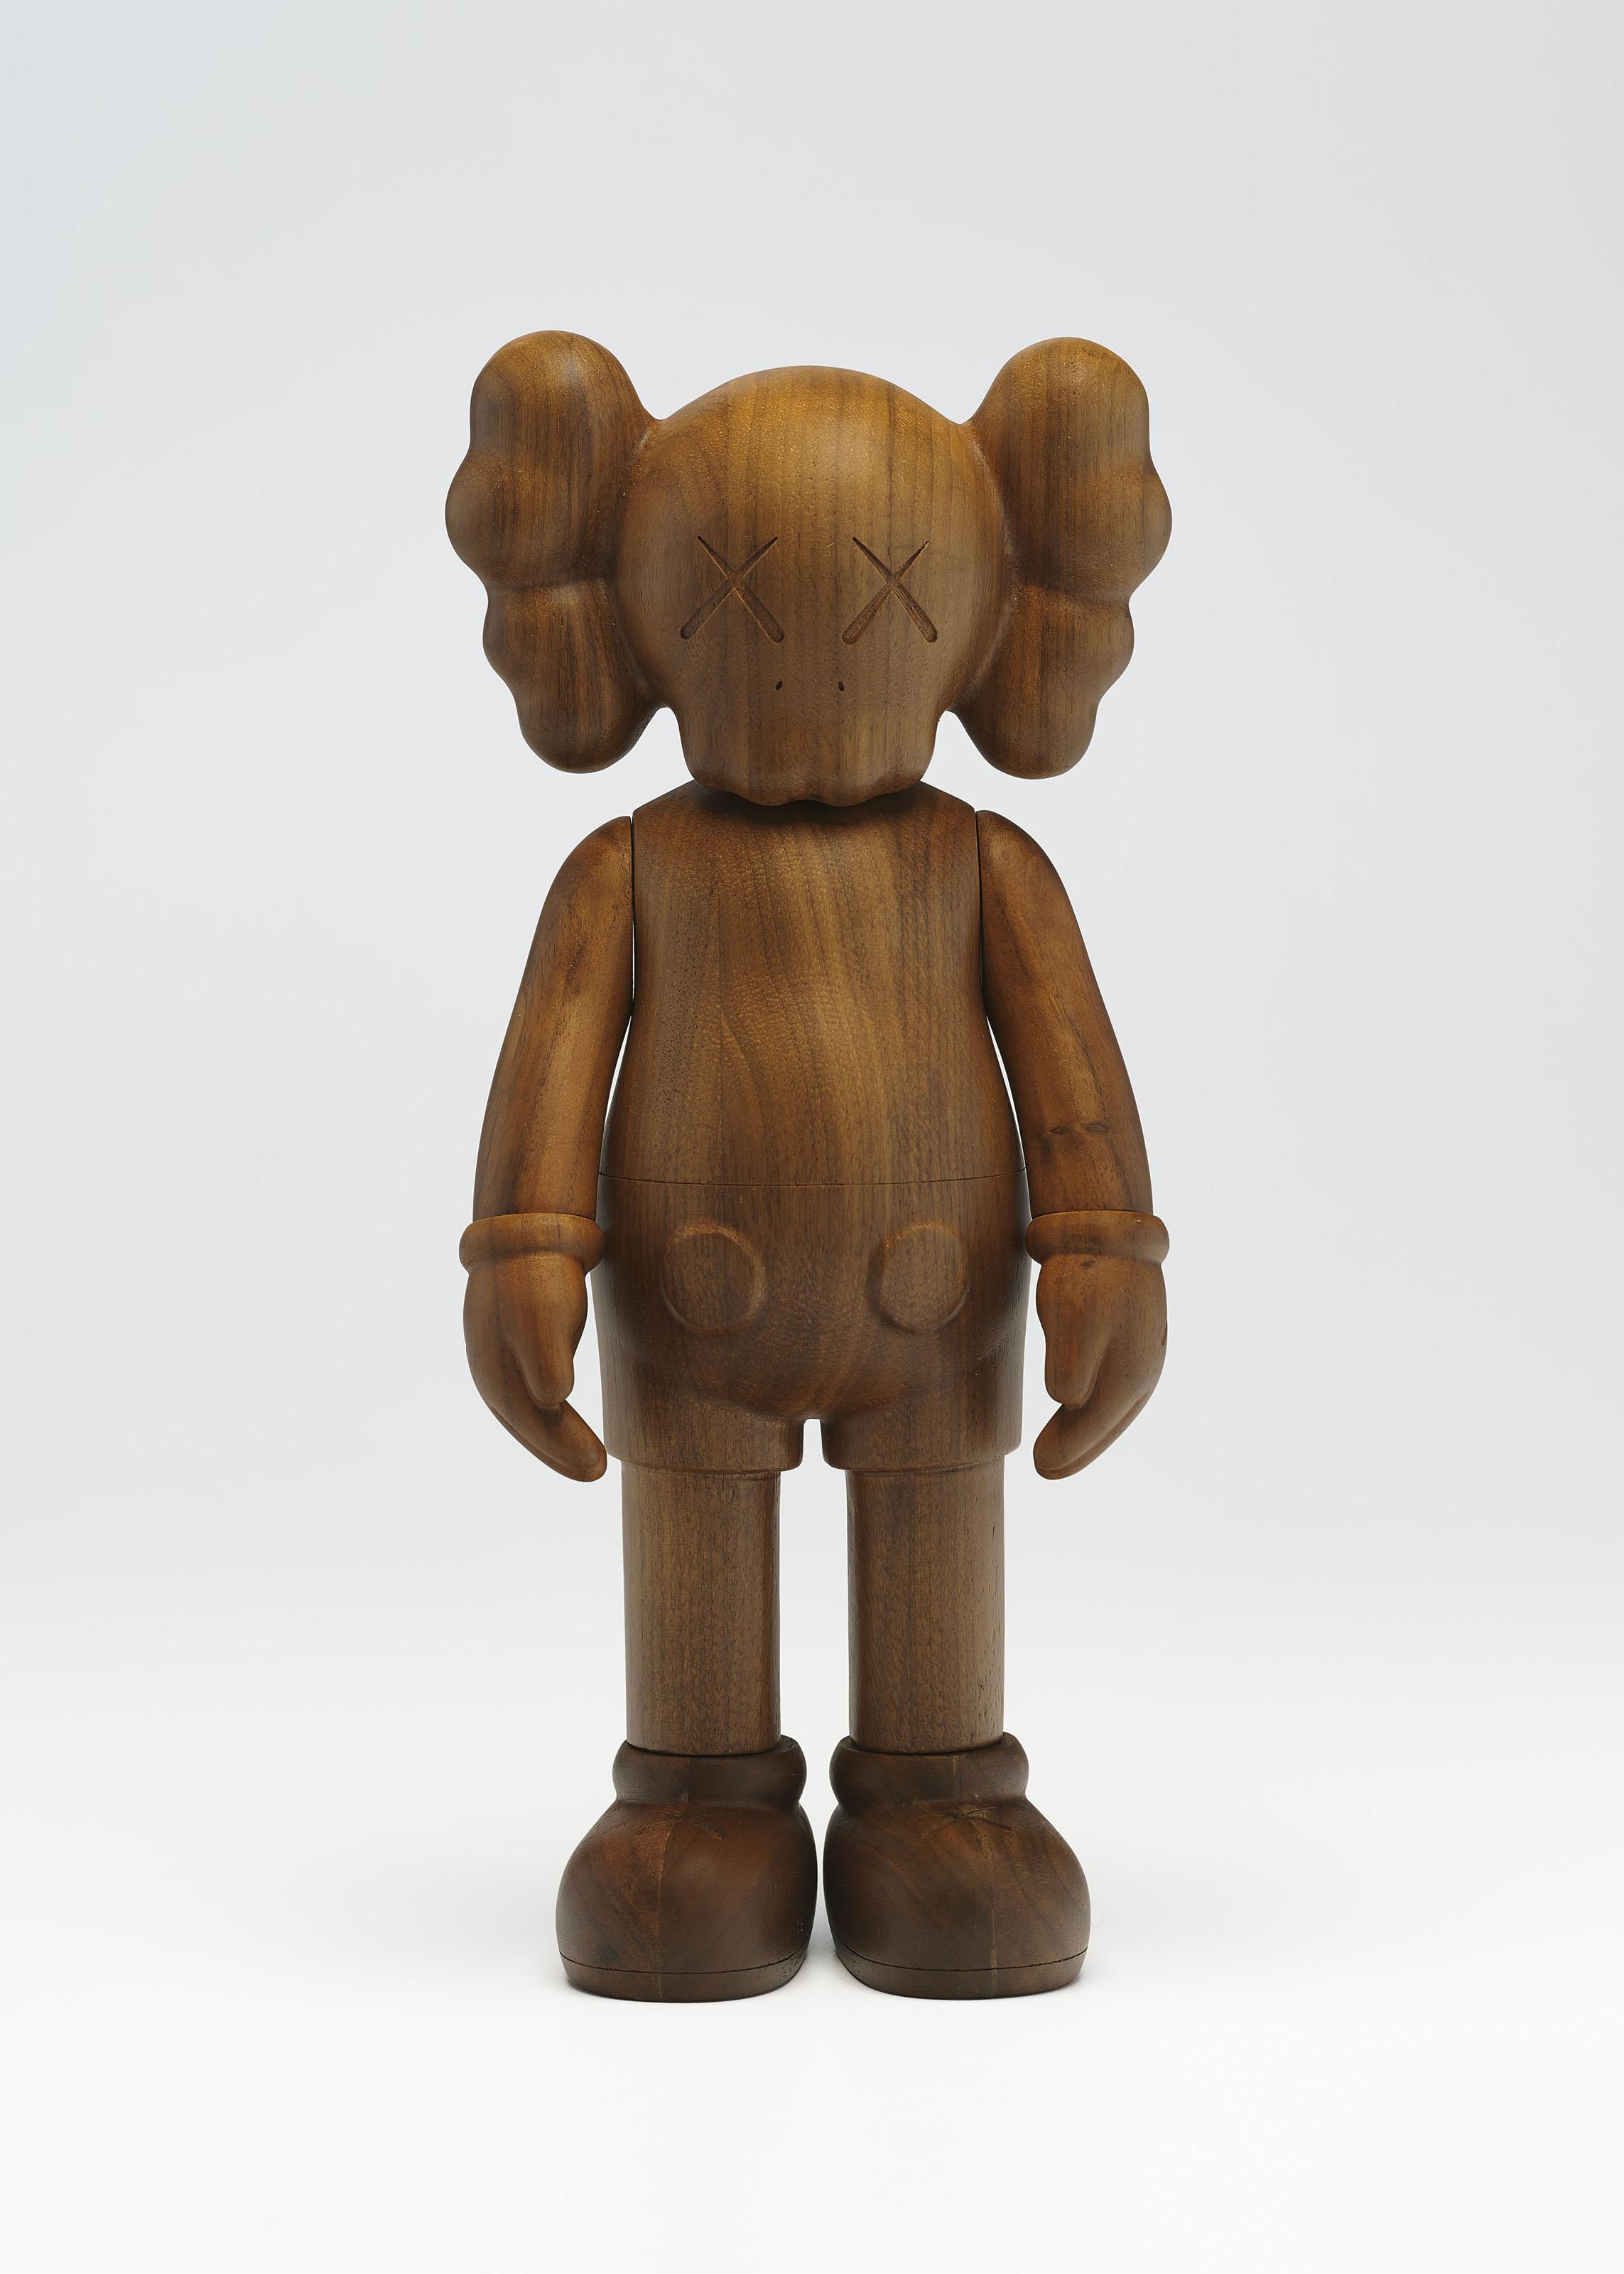 KAWS(美国,1974年生),《COMPANION (KARIMOKU VERSION)》[同伴(KARIMOKU版本)],2011年作。木 雕塑。27 x 12 x 6.5公分(10 58 x 4 ¾ x 2 ½ 吋)。估价:20,000–30,000美元。此拍品将于2020年4月21至30日佳士得亚洲当代艺术网上专场呈献。艺术品:© KAWS